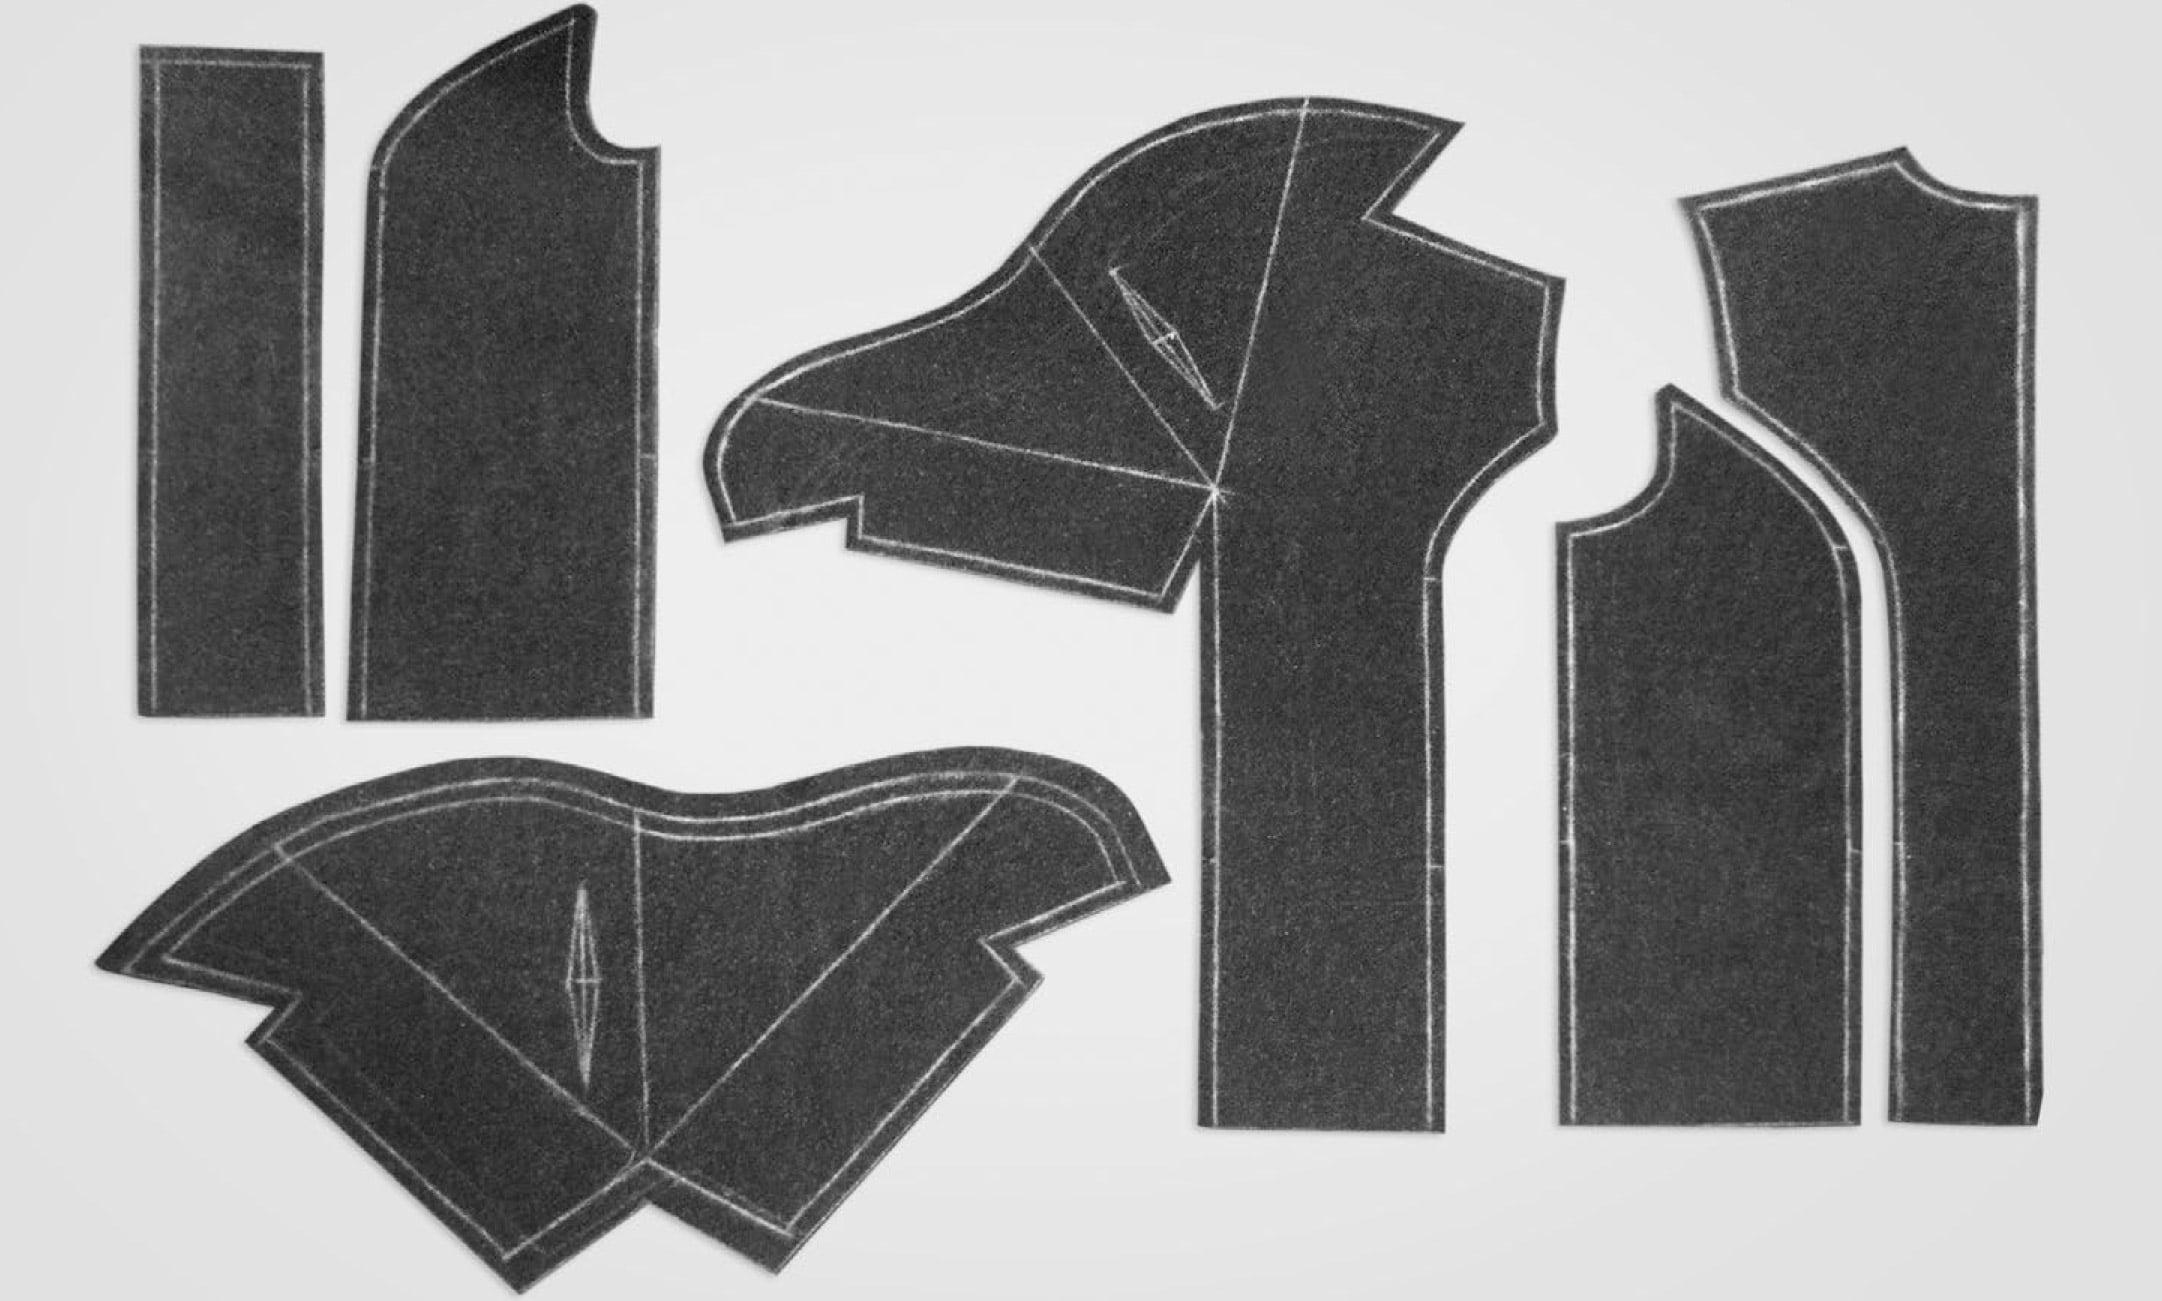 Zeigt die Schnittteile des Mantels mit doppelten Stehkragens.